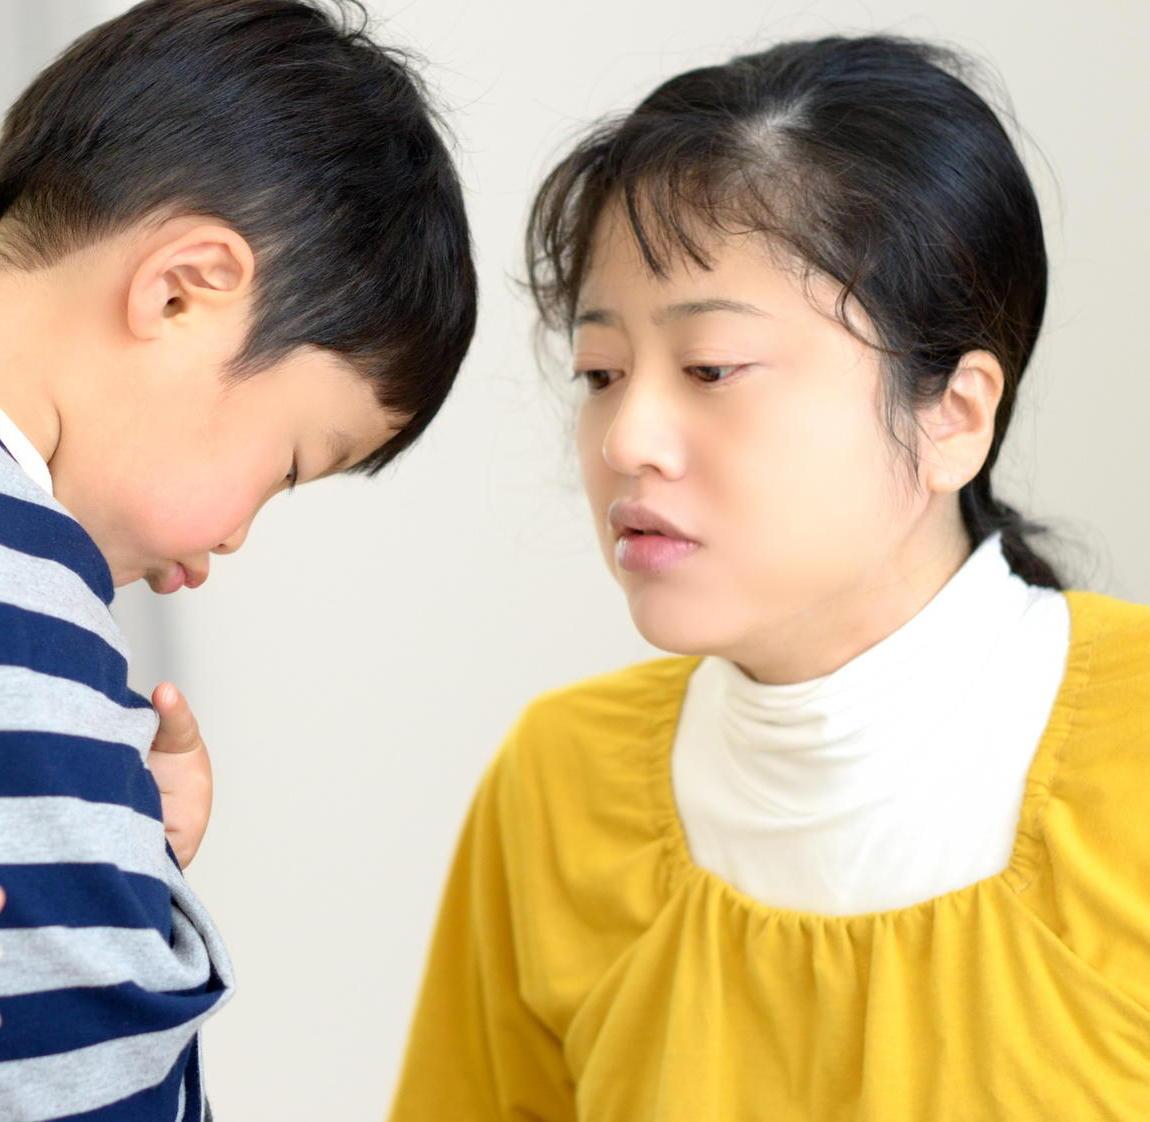 「生活にゆとりのない」家庭は食育に関心がない 子供の孤食や栄養バランス不足に親の生活習慣病が影響